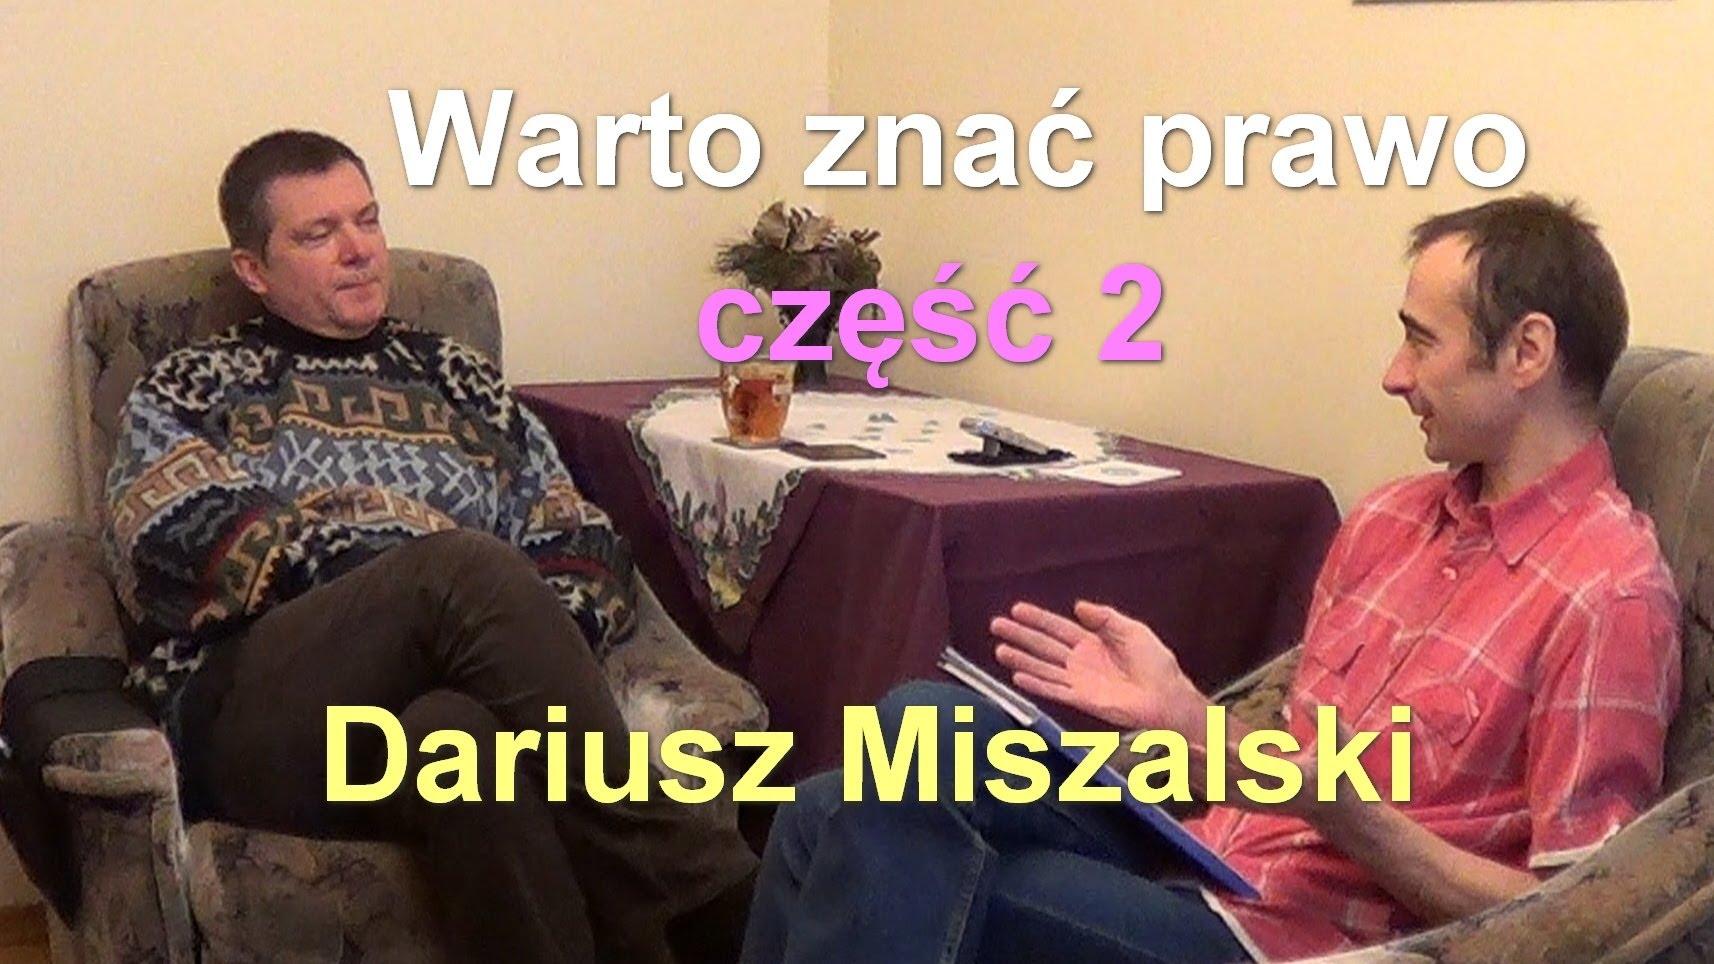 Warto znać prawo, część 2 – Dariusz Miszalski